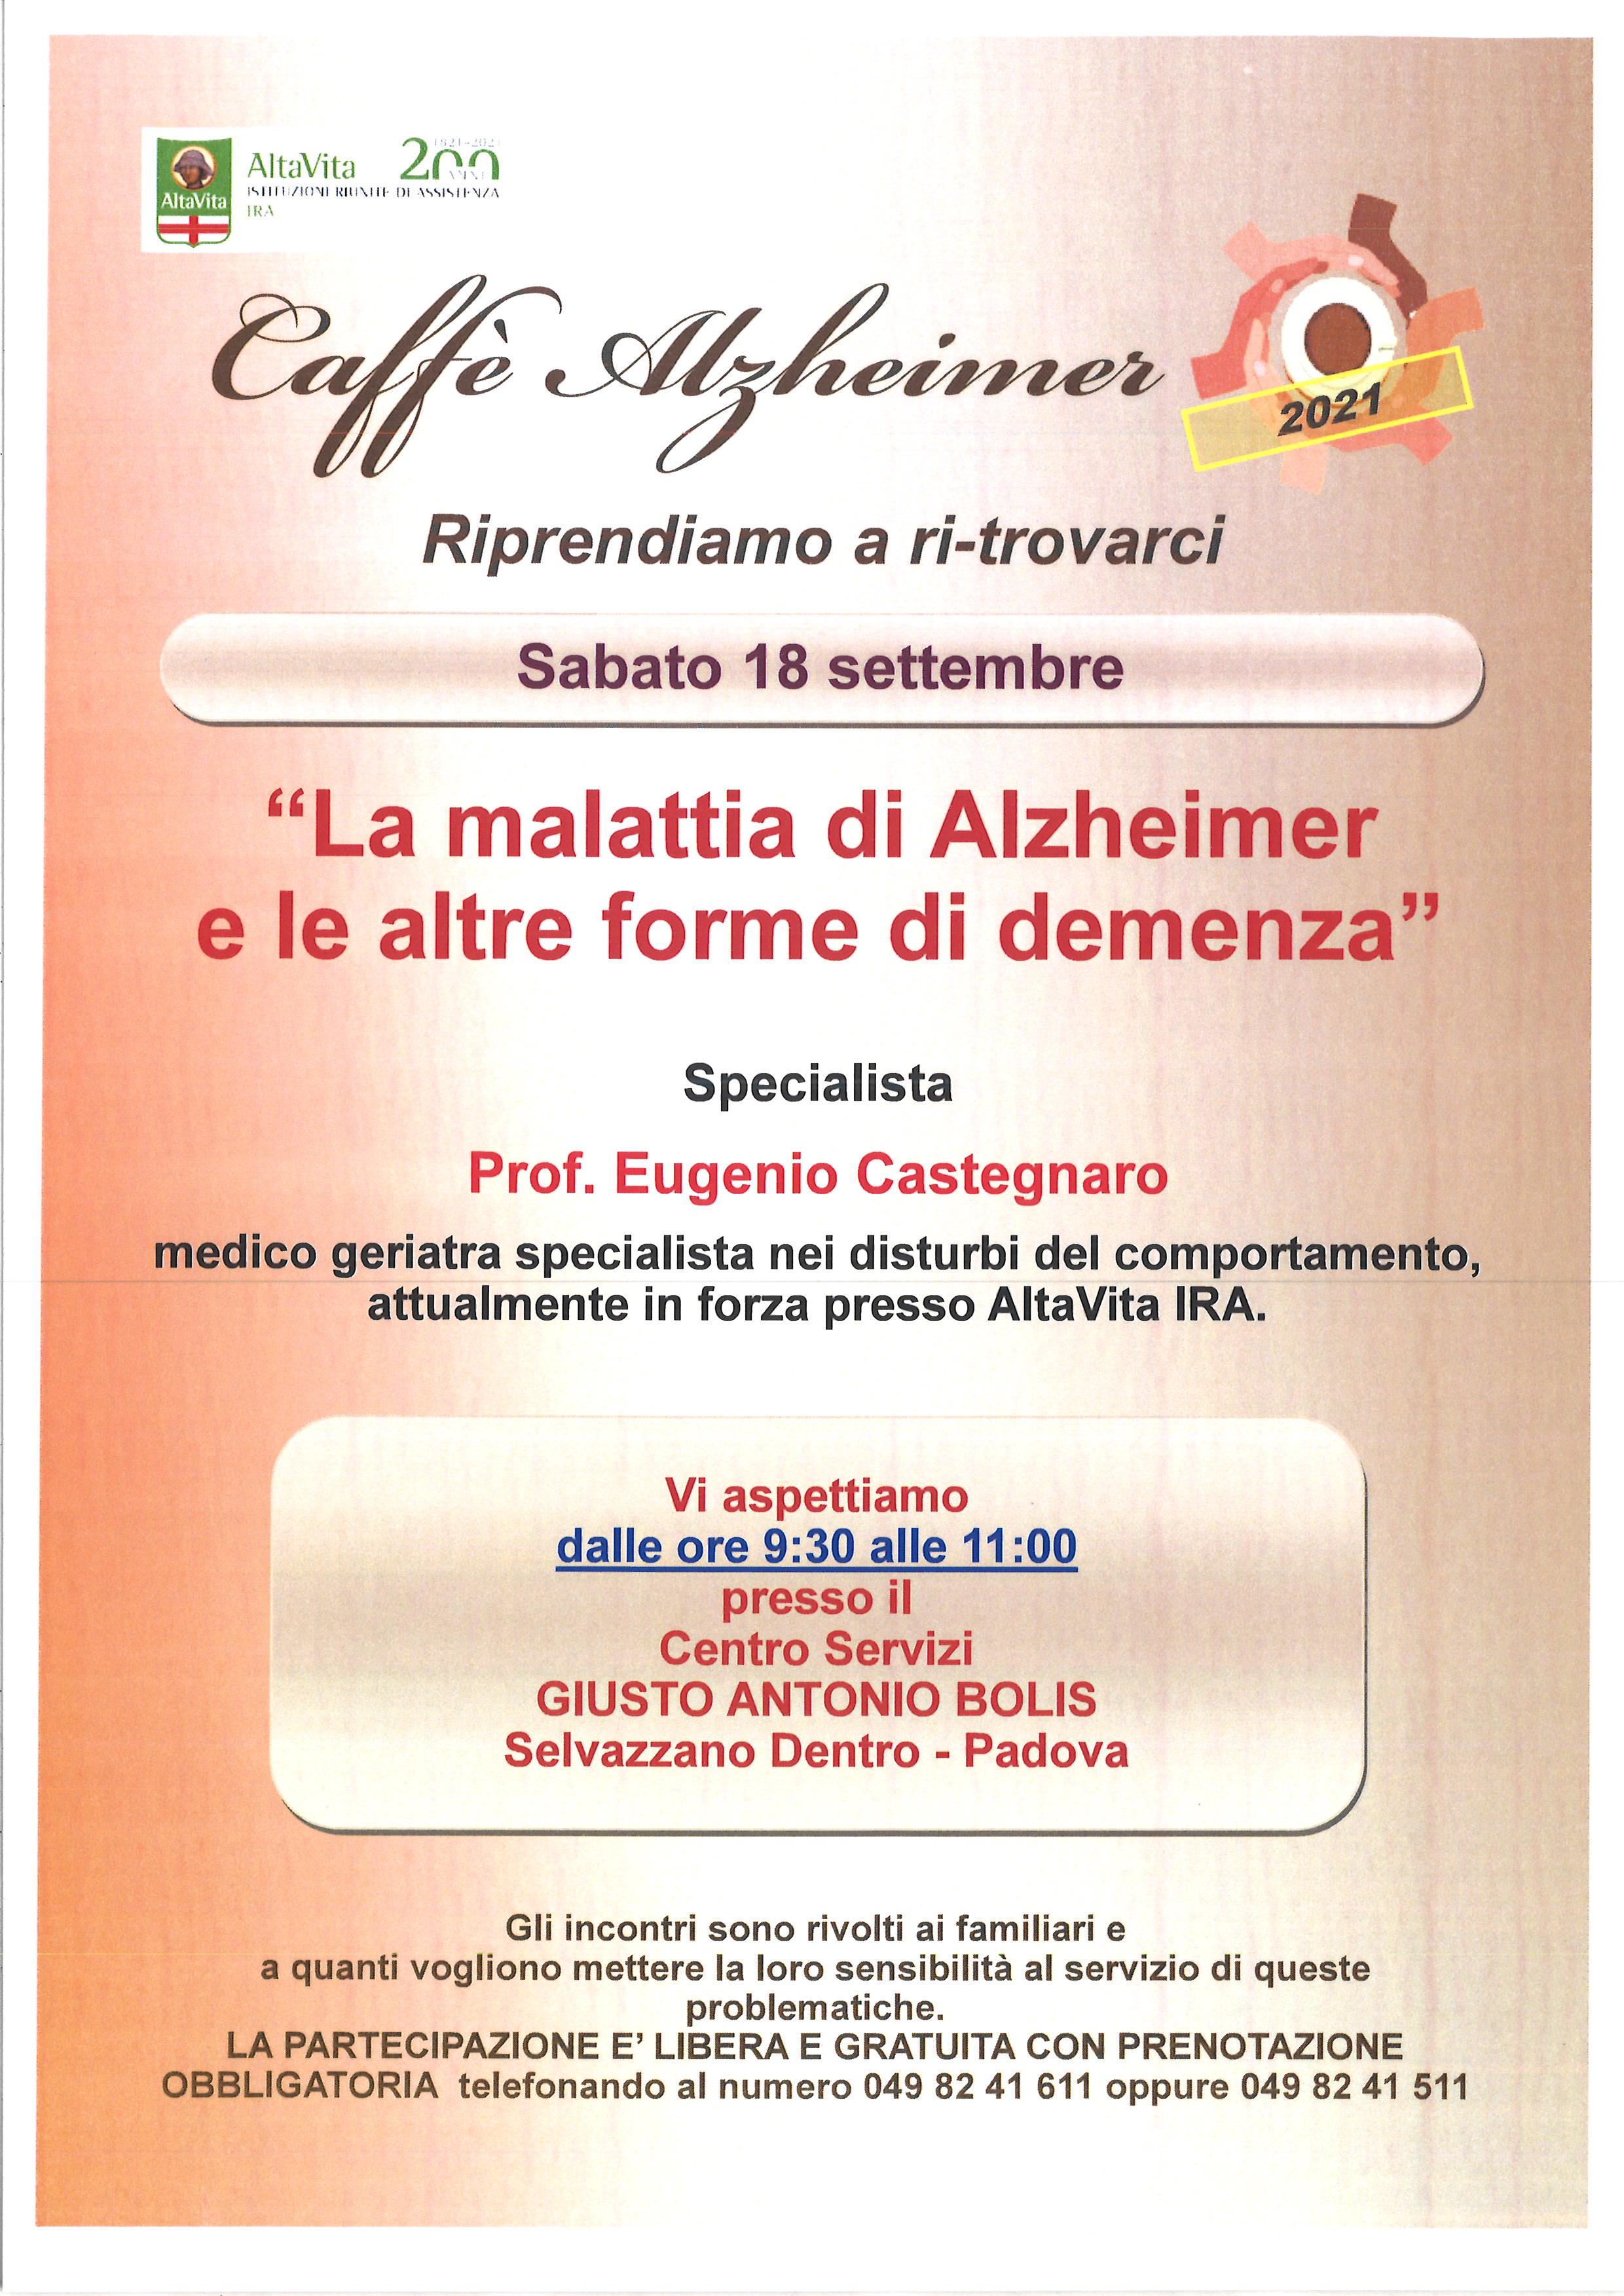 Caffè Alzheimer presso il Centro Servizi Bolis – sabato 18 settembre 2021